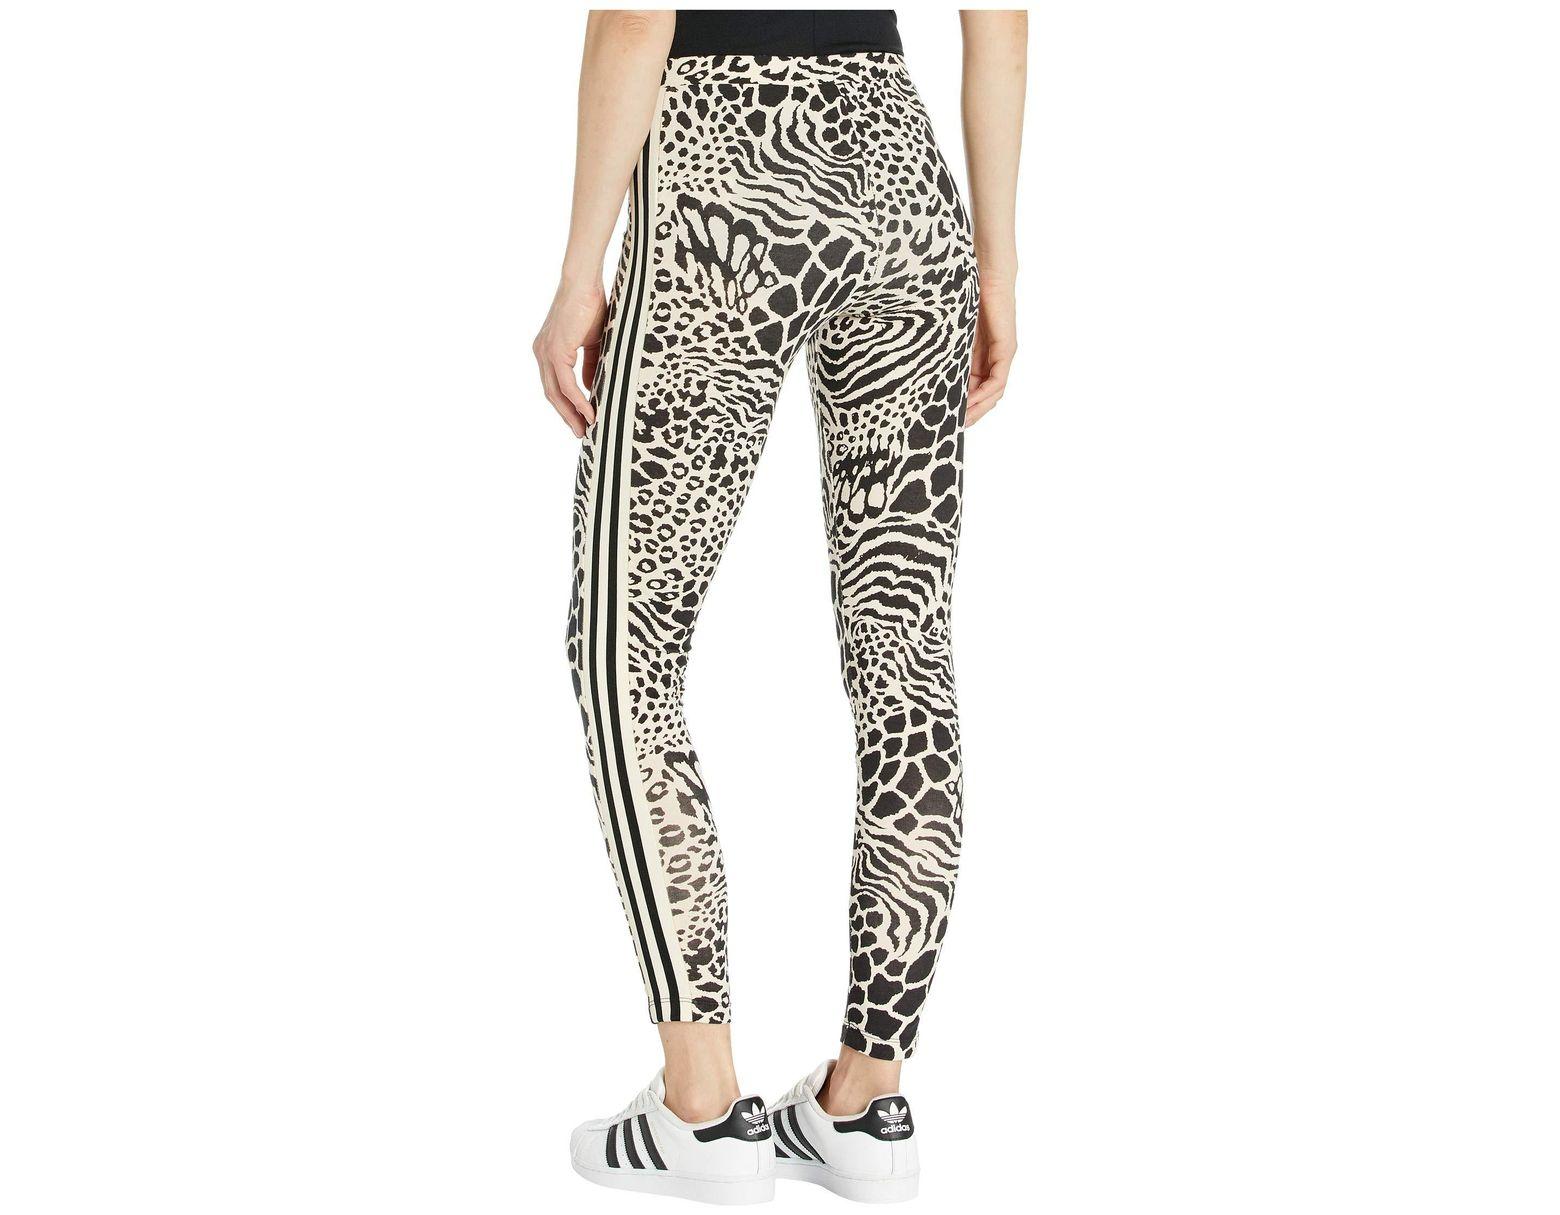 858e86fcc3441 adidas Originals 70s Kick Tights (ecru Tint/black) Women's Casual Pants in  Black - Lyst